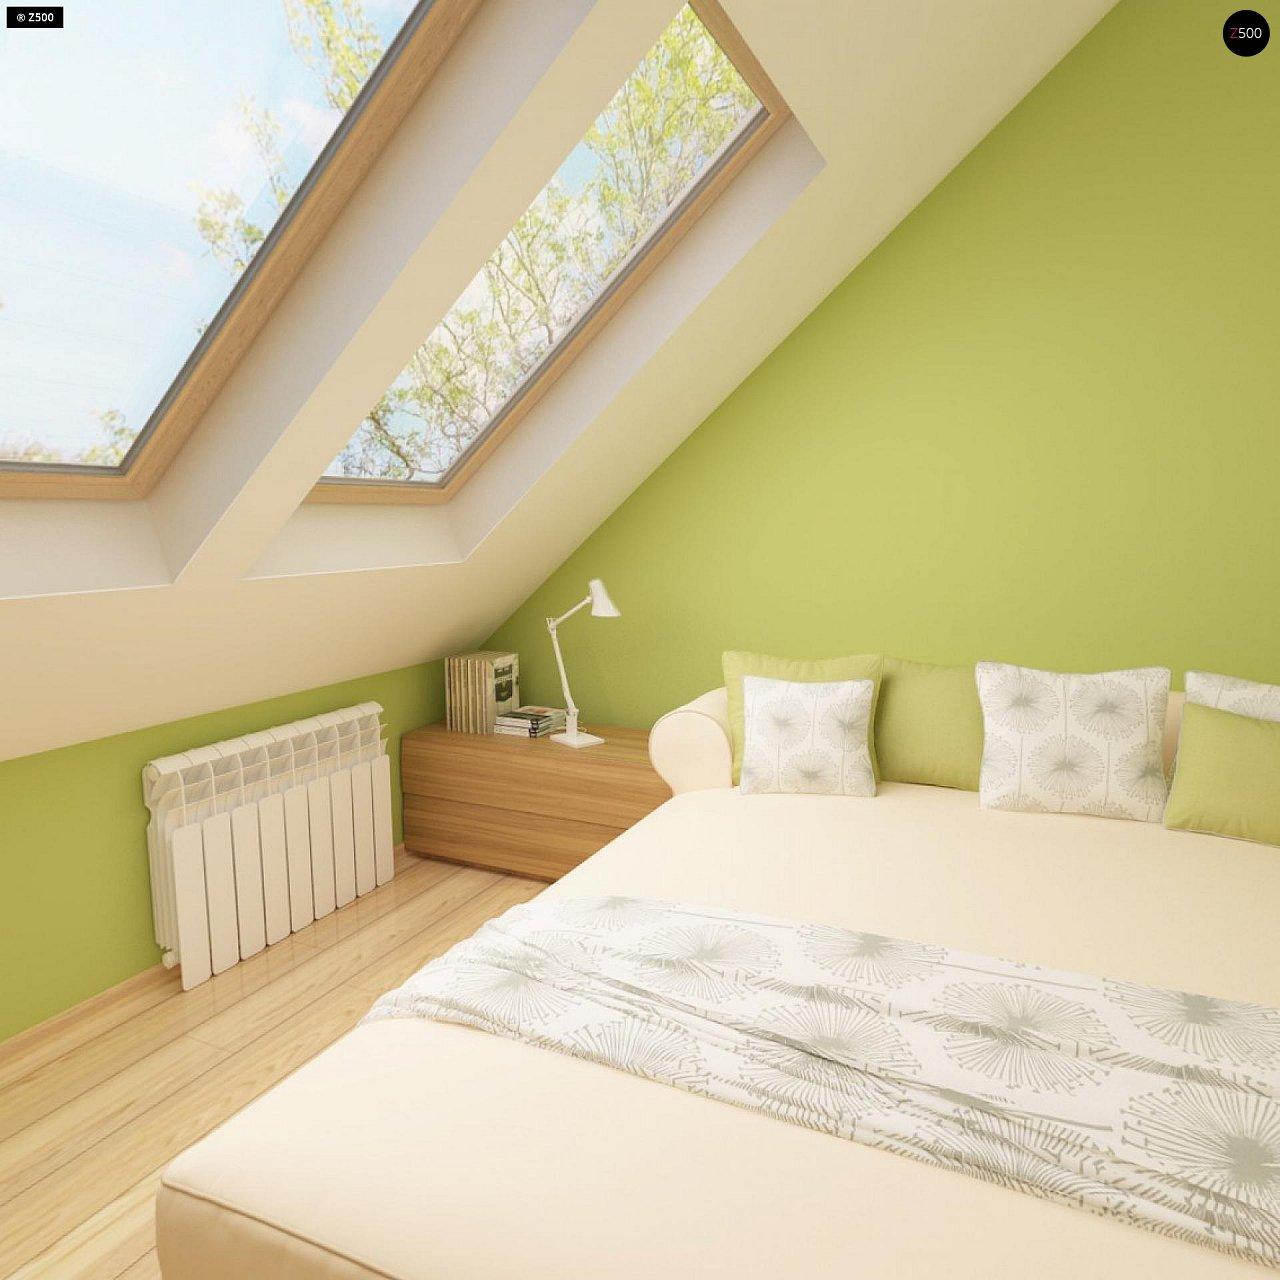 Выгодный и простой в строительстве дом с эркером в дневной зоне. 13